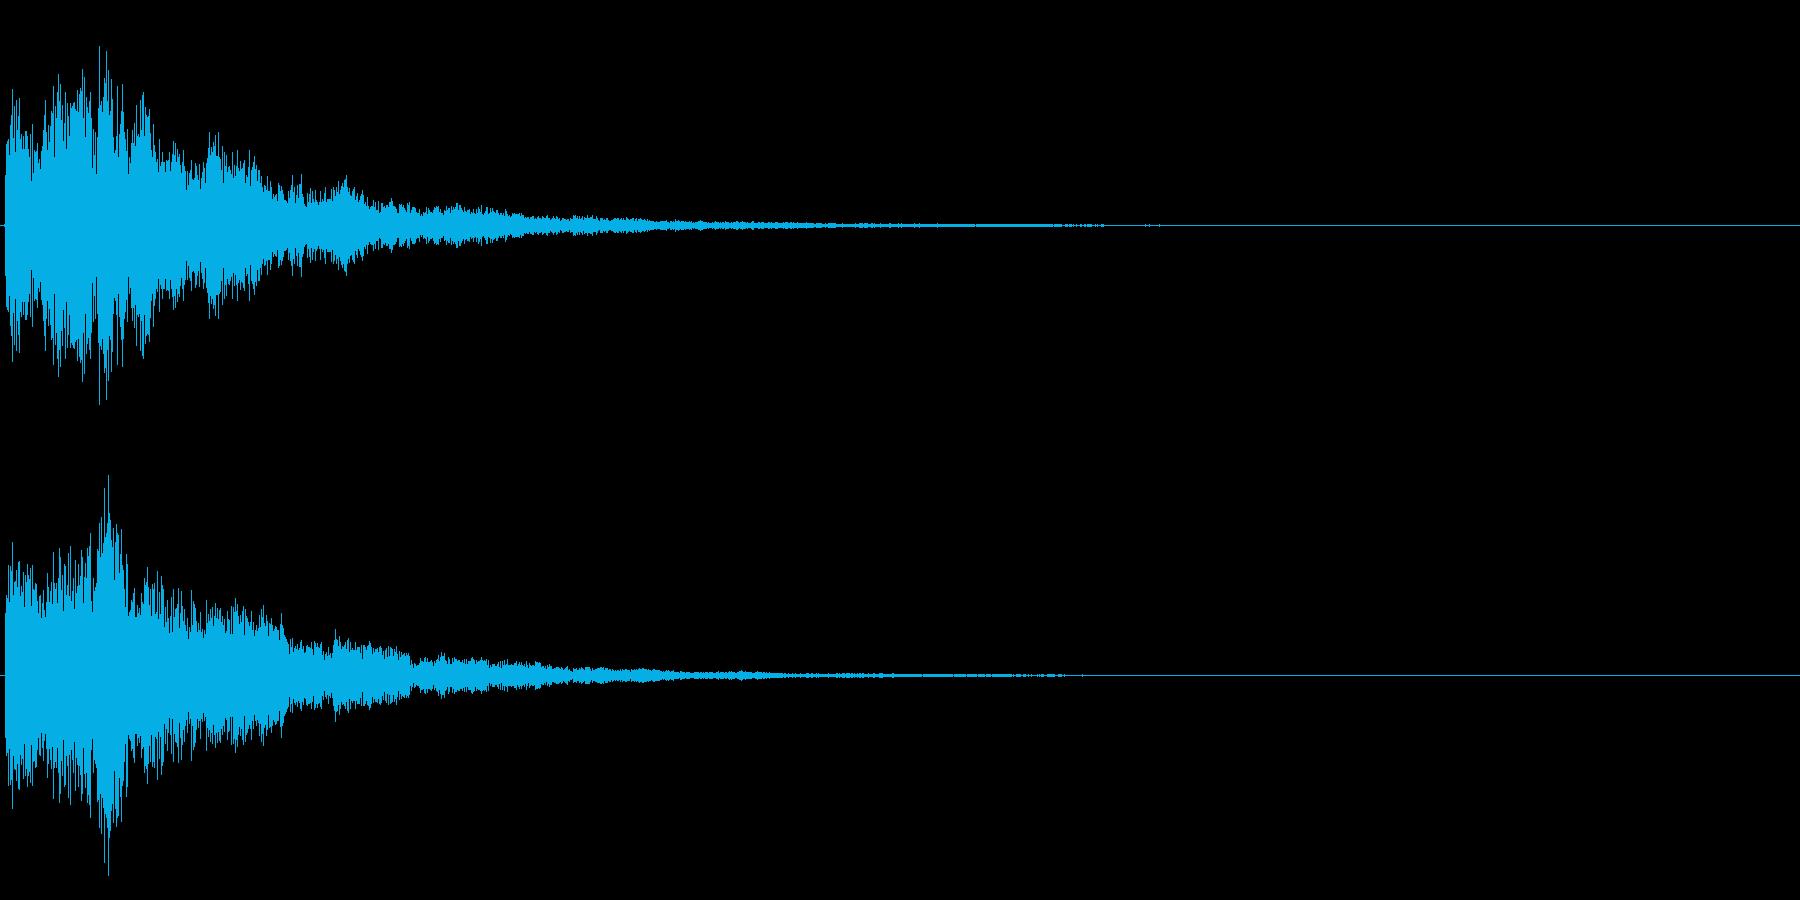 ゲームスタート、決定、ボタン音-020の再生済みの波形